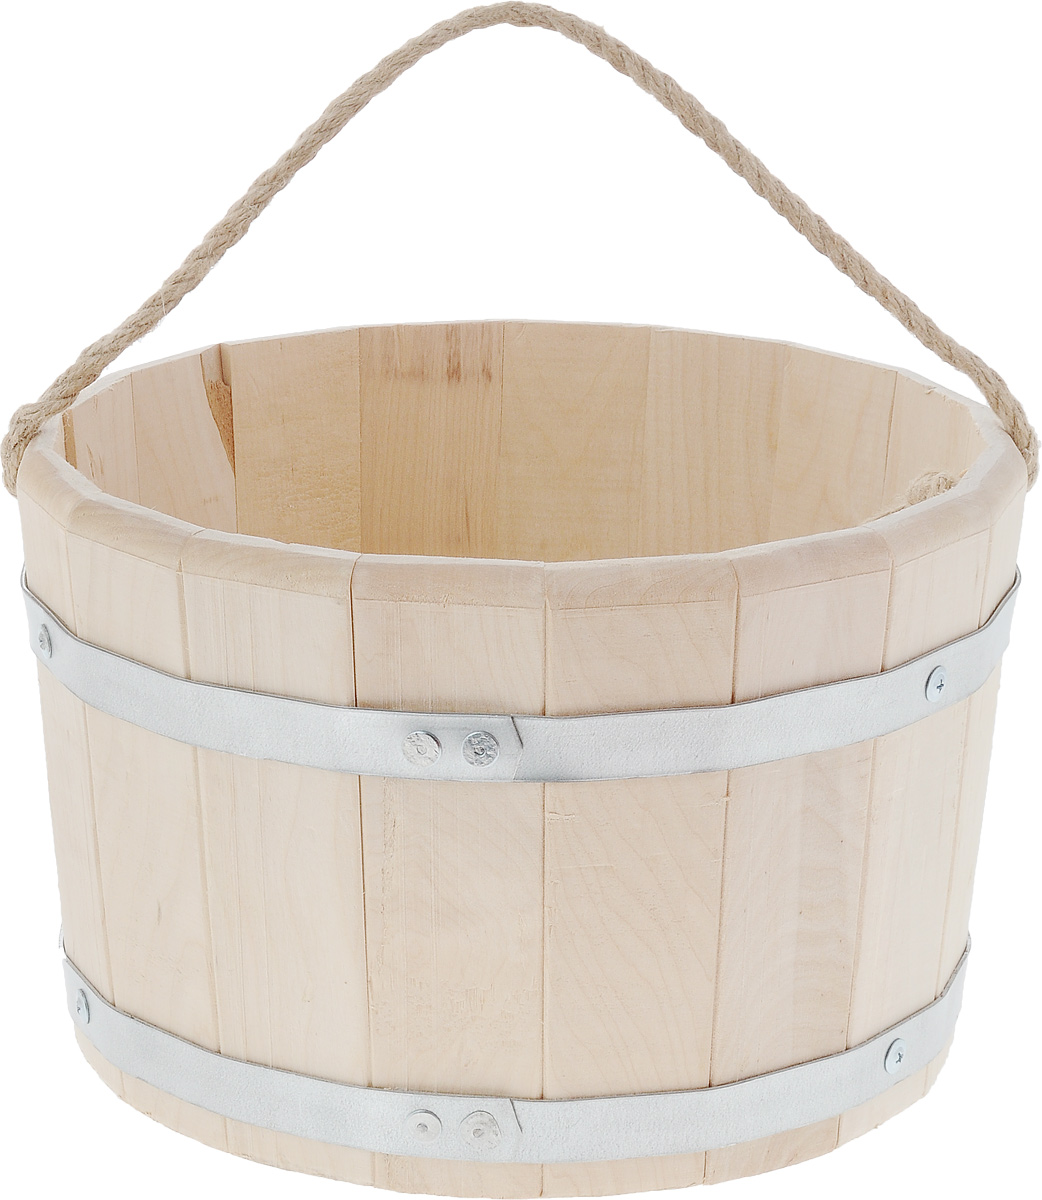 Ведро для бани и сауны Proffi Sauna, 10 лZ-0307Ведро Proffi Sauna выполнено из натуральной березы с двумя металлическими обручами и оснащено ручкой из джута. Такое ведро является просто незаменимым банным атрибутом. Эксплуатация бондарных изделий.Перед первым использованием бондарное изделие рекомендуется подготовить. Для этого нужно наполнить изделие холодной водой и оставить наполненным на 2-3 часа. Затем необходимо воду слить, обдать изделие сначала горячей, потом холодной водой.Не рекомендуется оставлять бондарные изделия около нагревательных приборов, а также под длительным воздействием прямых солнечных лучей.С момента начала использования бондарного изделия не рекомендуется оставлять его без воды на срок более 1 недели. Но и продолжительное время хранить в таких изделиях воду тоже не следует.После каждого использования необходимо вымыть и ошпарить изделие кипятком. В качестве моющих средств желательно использовать пищевую соду либо раствор горчичного порошка.Правильное обращение с бондарными изделиями позволит надолго сохранить их эксплуатационные свойства и продлить срок использования! Диаметр по верхнему краю: 30 см. Высота стенки: 19,5 см.